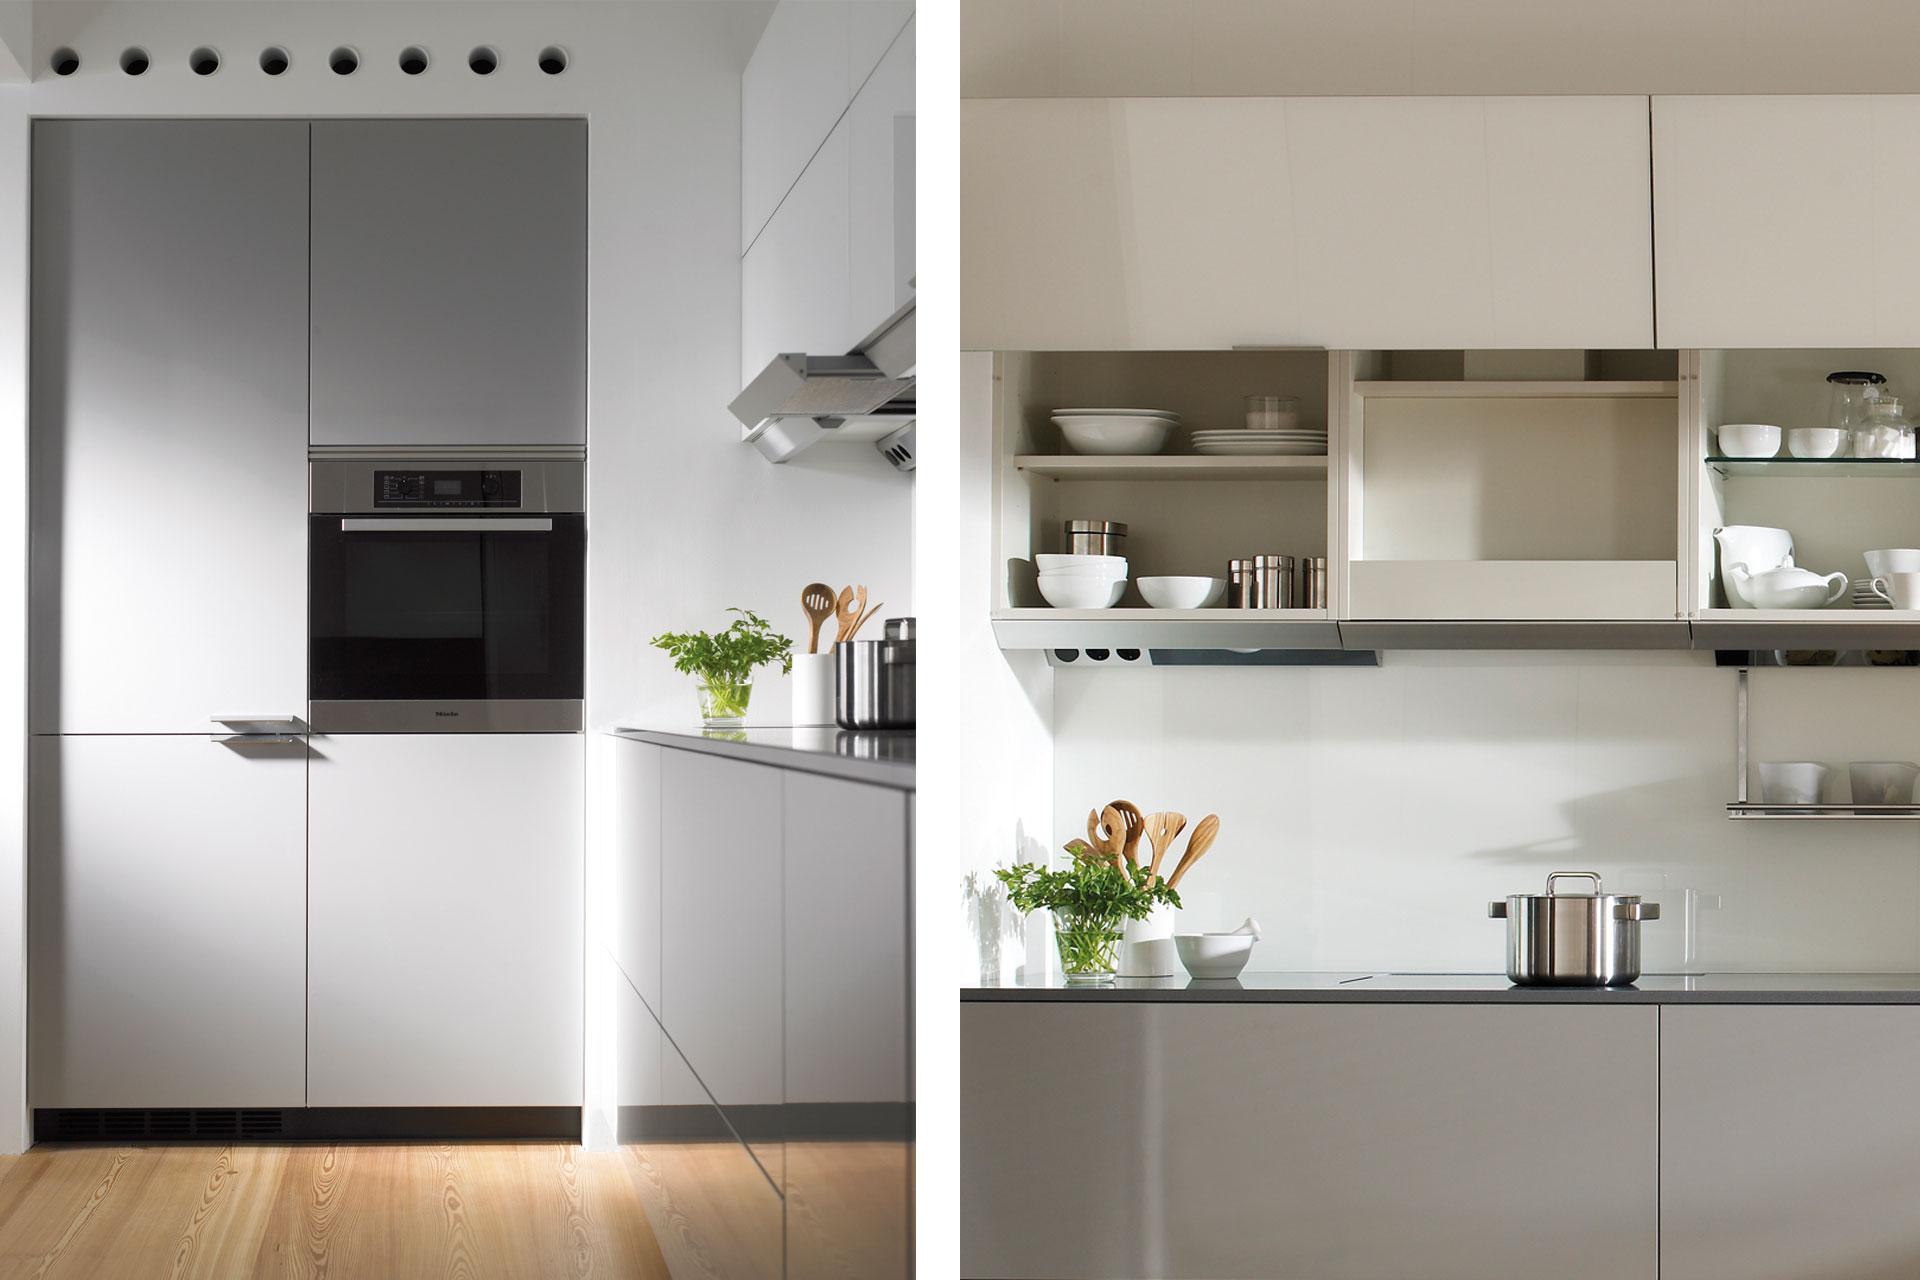 Electrodomésticos integrados: espacios limpios y armónicos | Tubos de ventilación | Cocinas Santos | Santiago Interiores